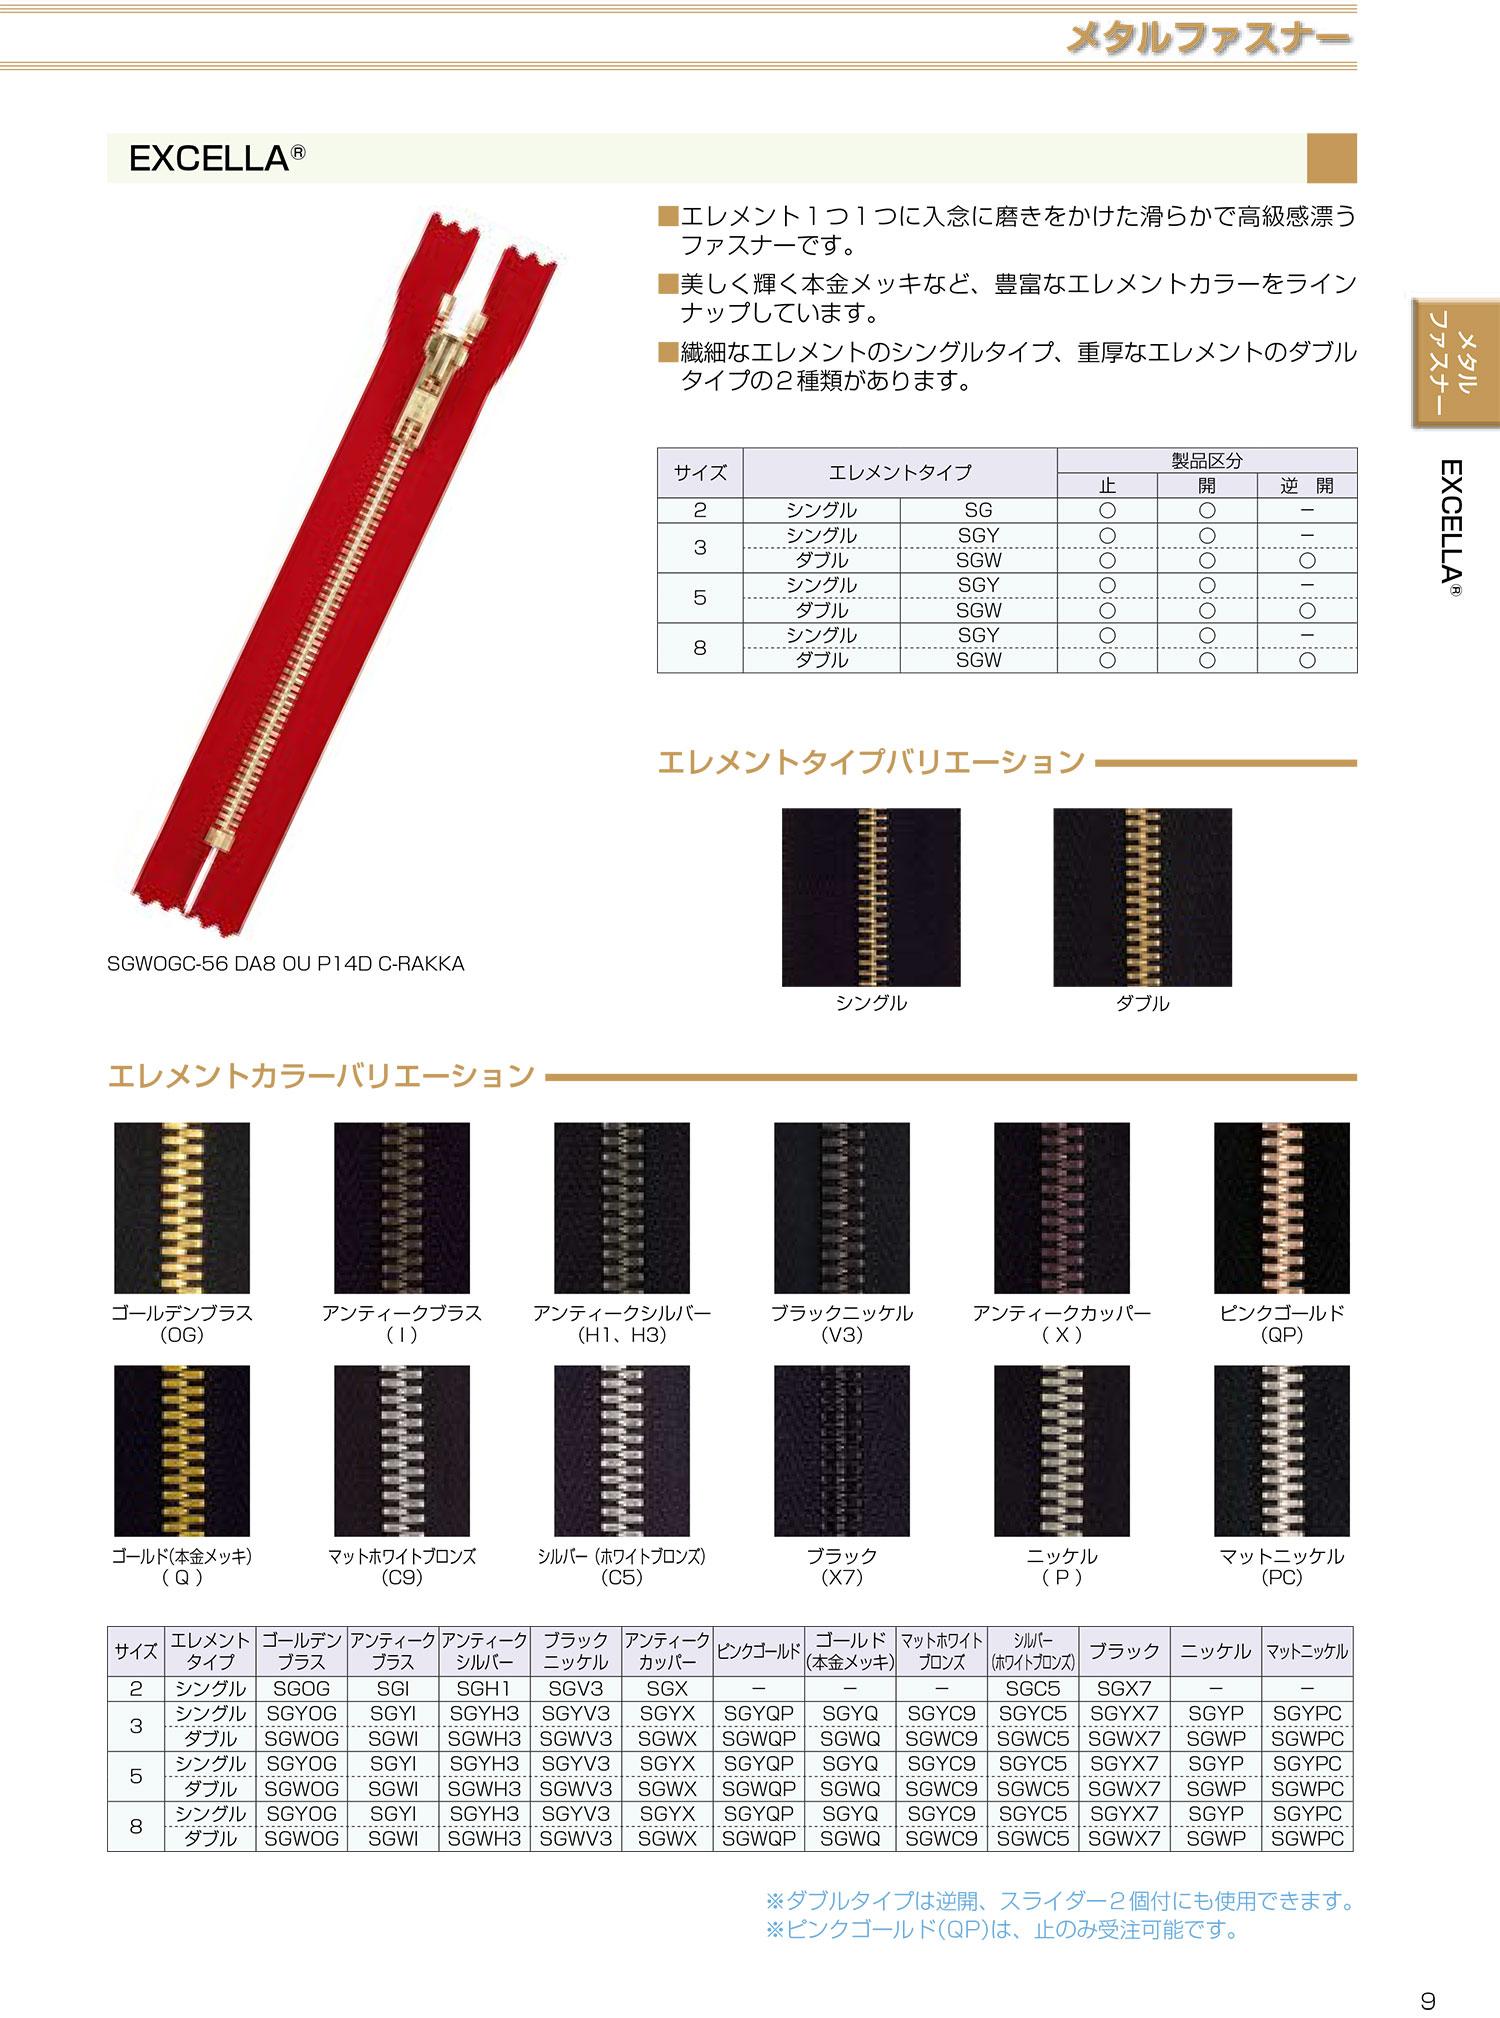 3SGWQOR エクセラ 3サイズ ゴールド(本金) オープン ダブルダブル[ファスナー] YKK/オークラ商事 - ApparelX アパレル資材卸通販